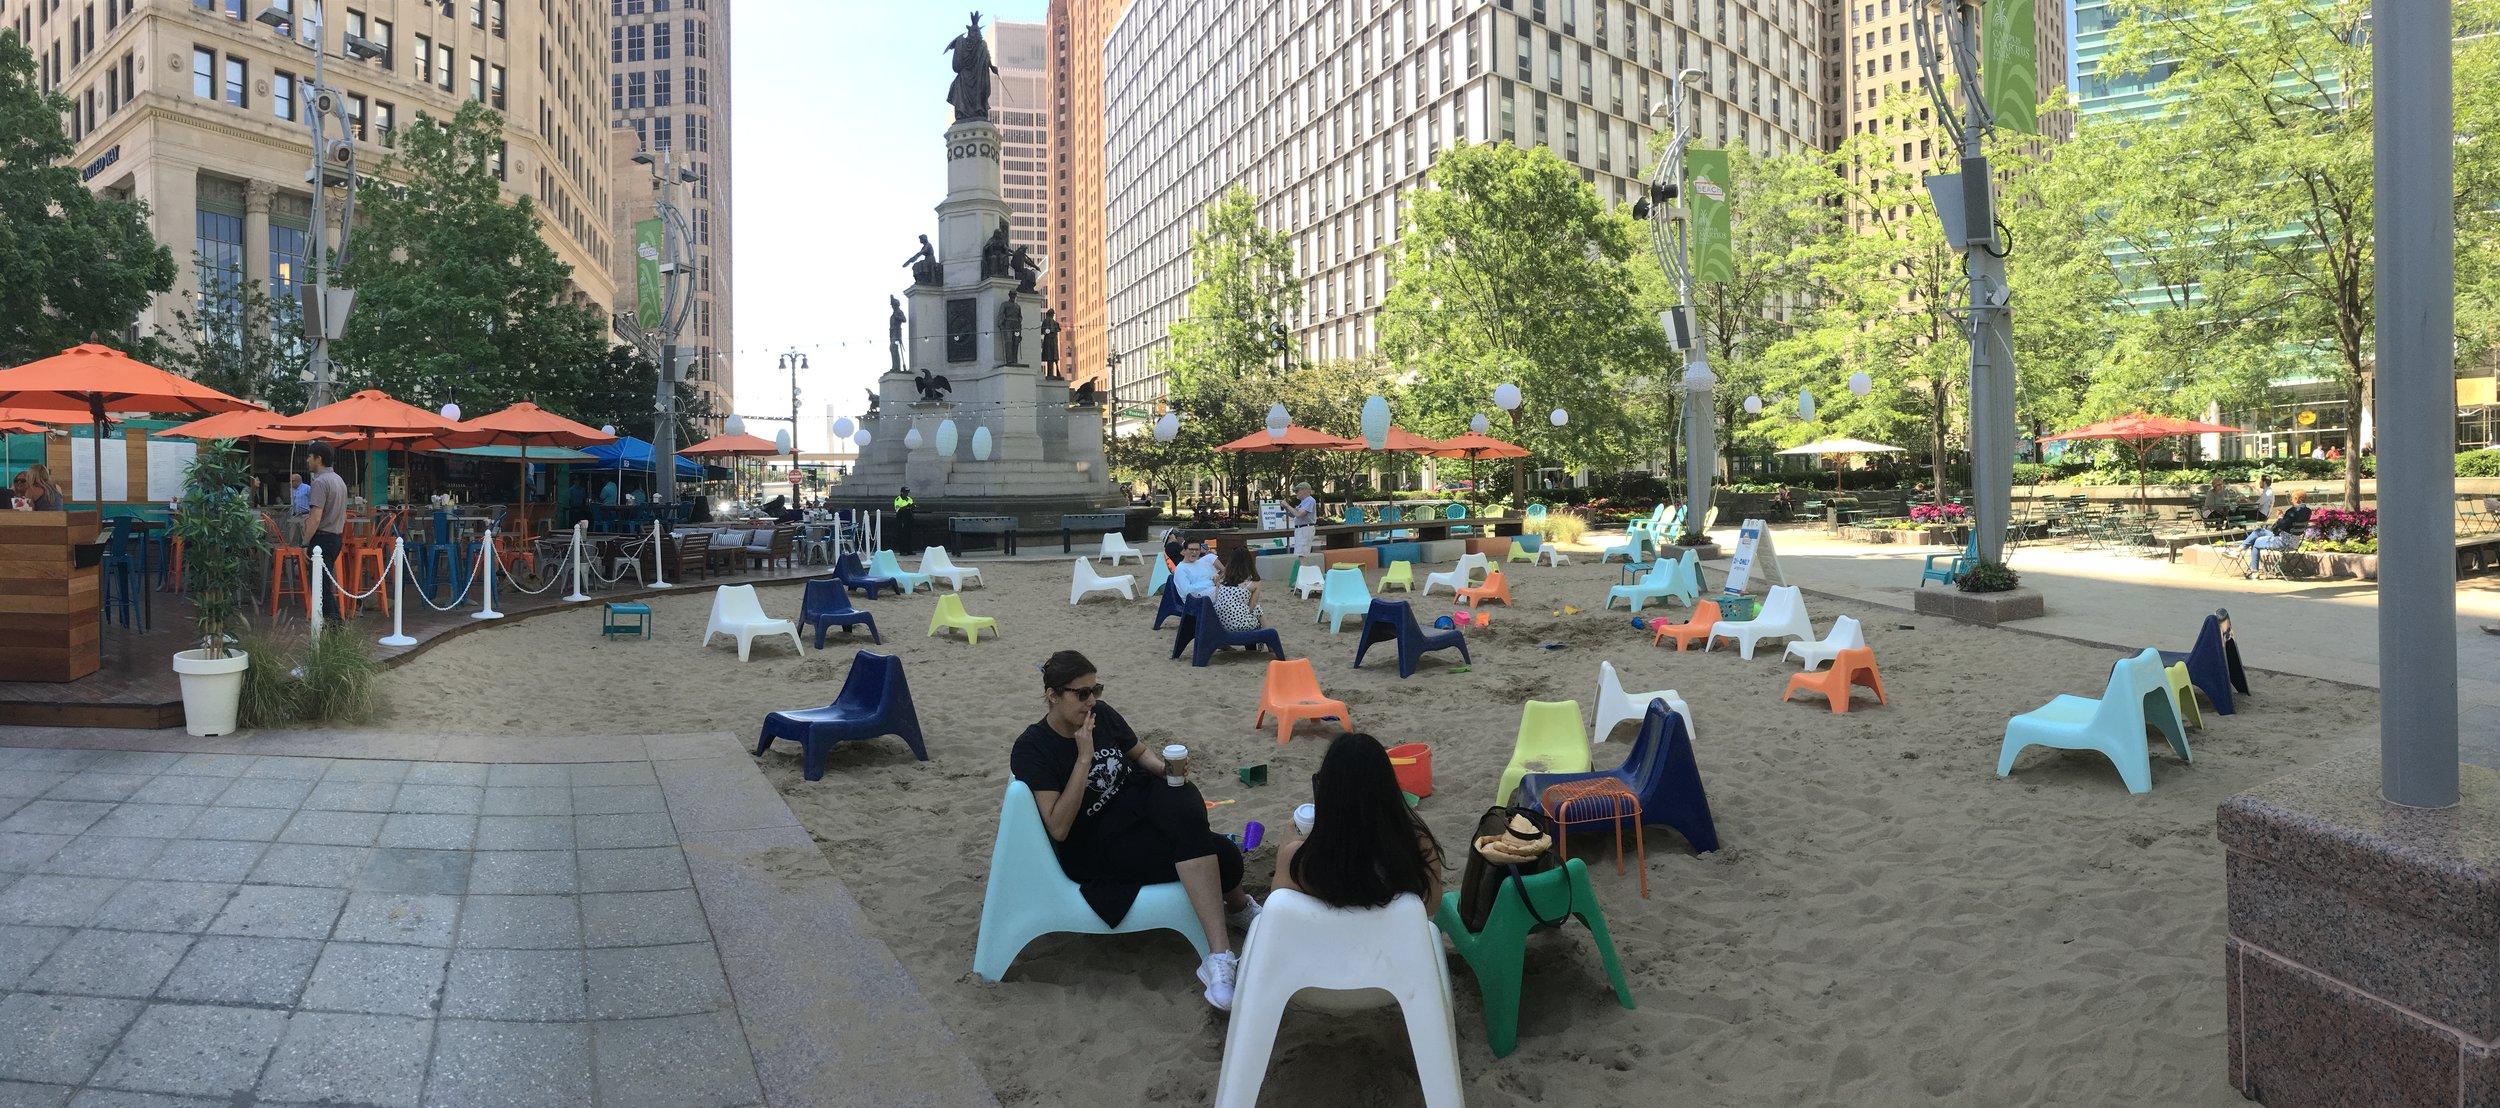 The Beach at Campus Martius, Detroit